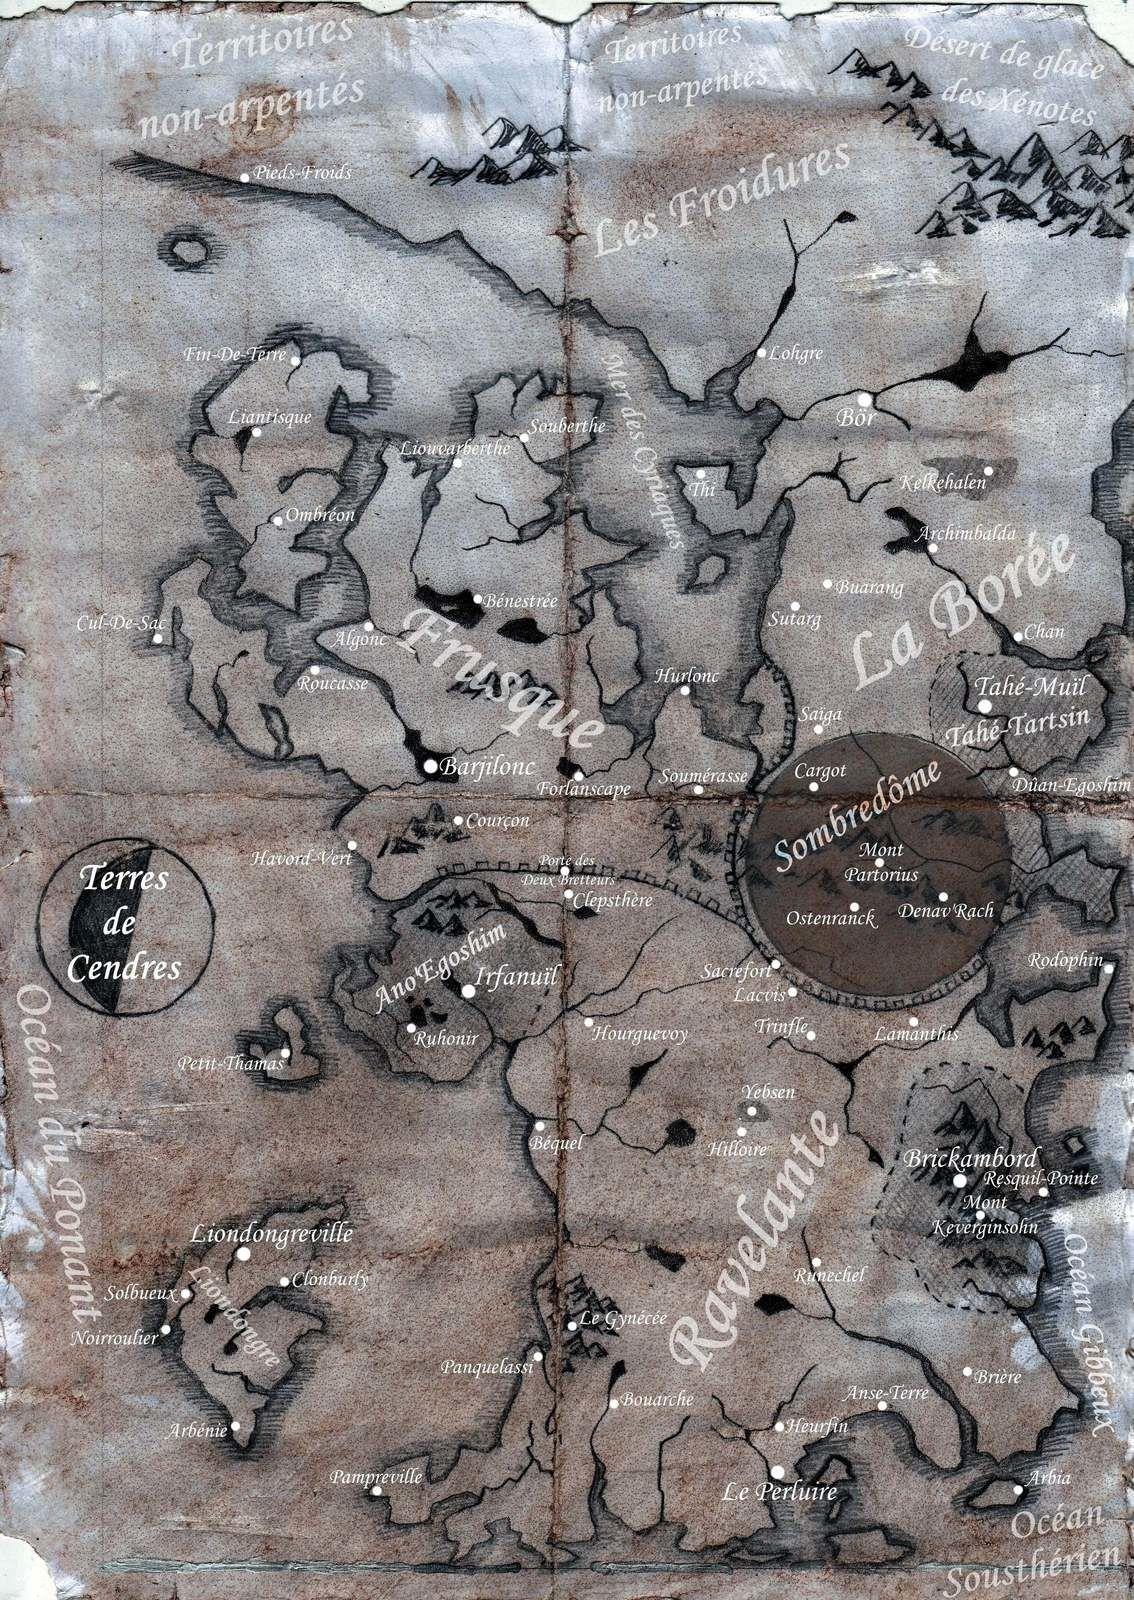 Une carte des Terres de Cendres.